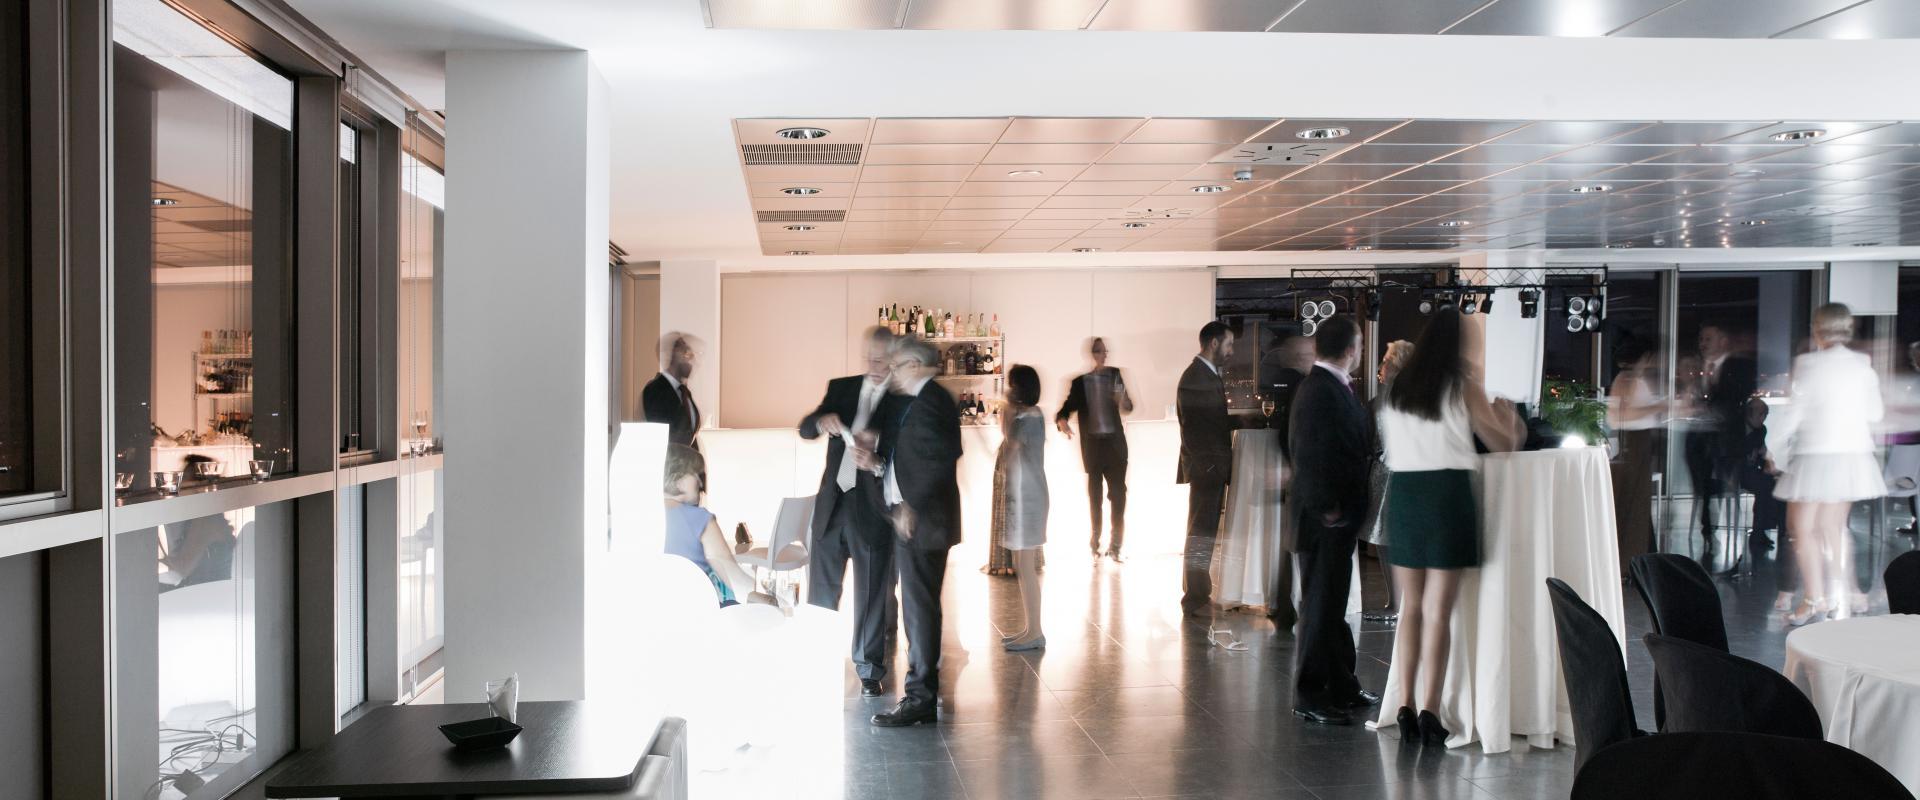 Organización de eventos para empresas